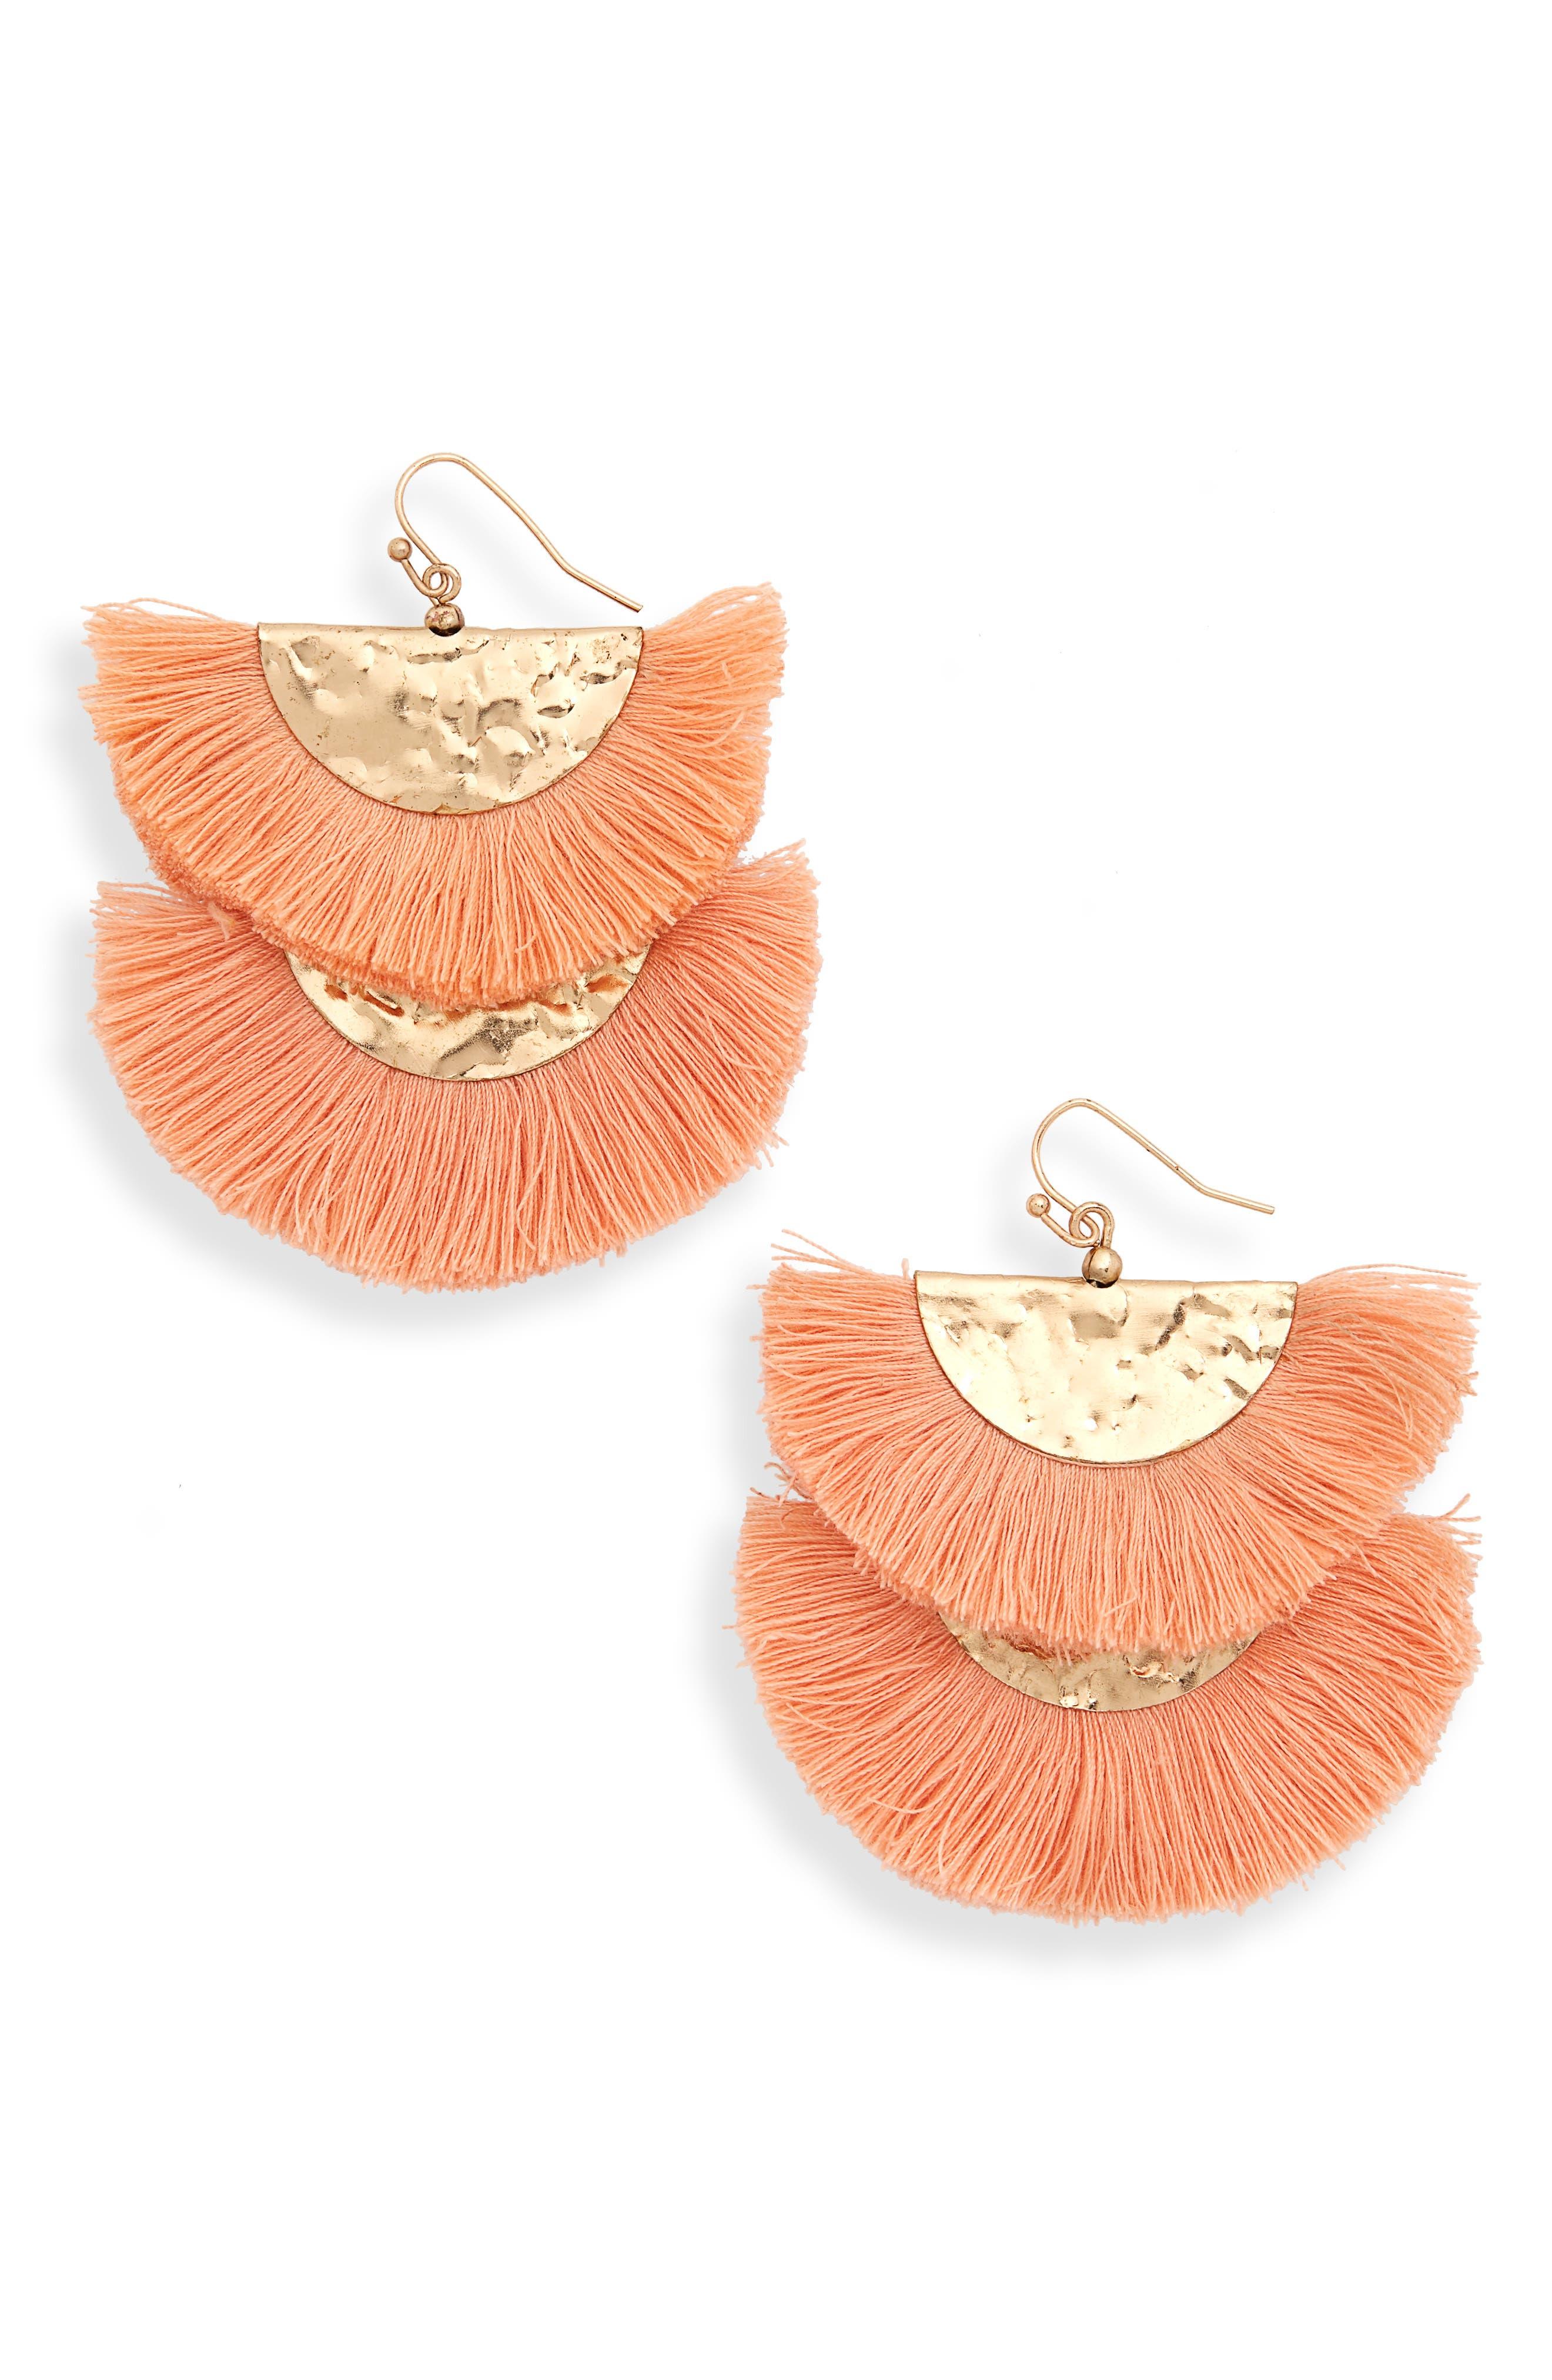 Two Tier Fan Earrings,                         Main,                         color, Orange/ Gold